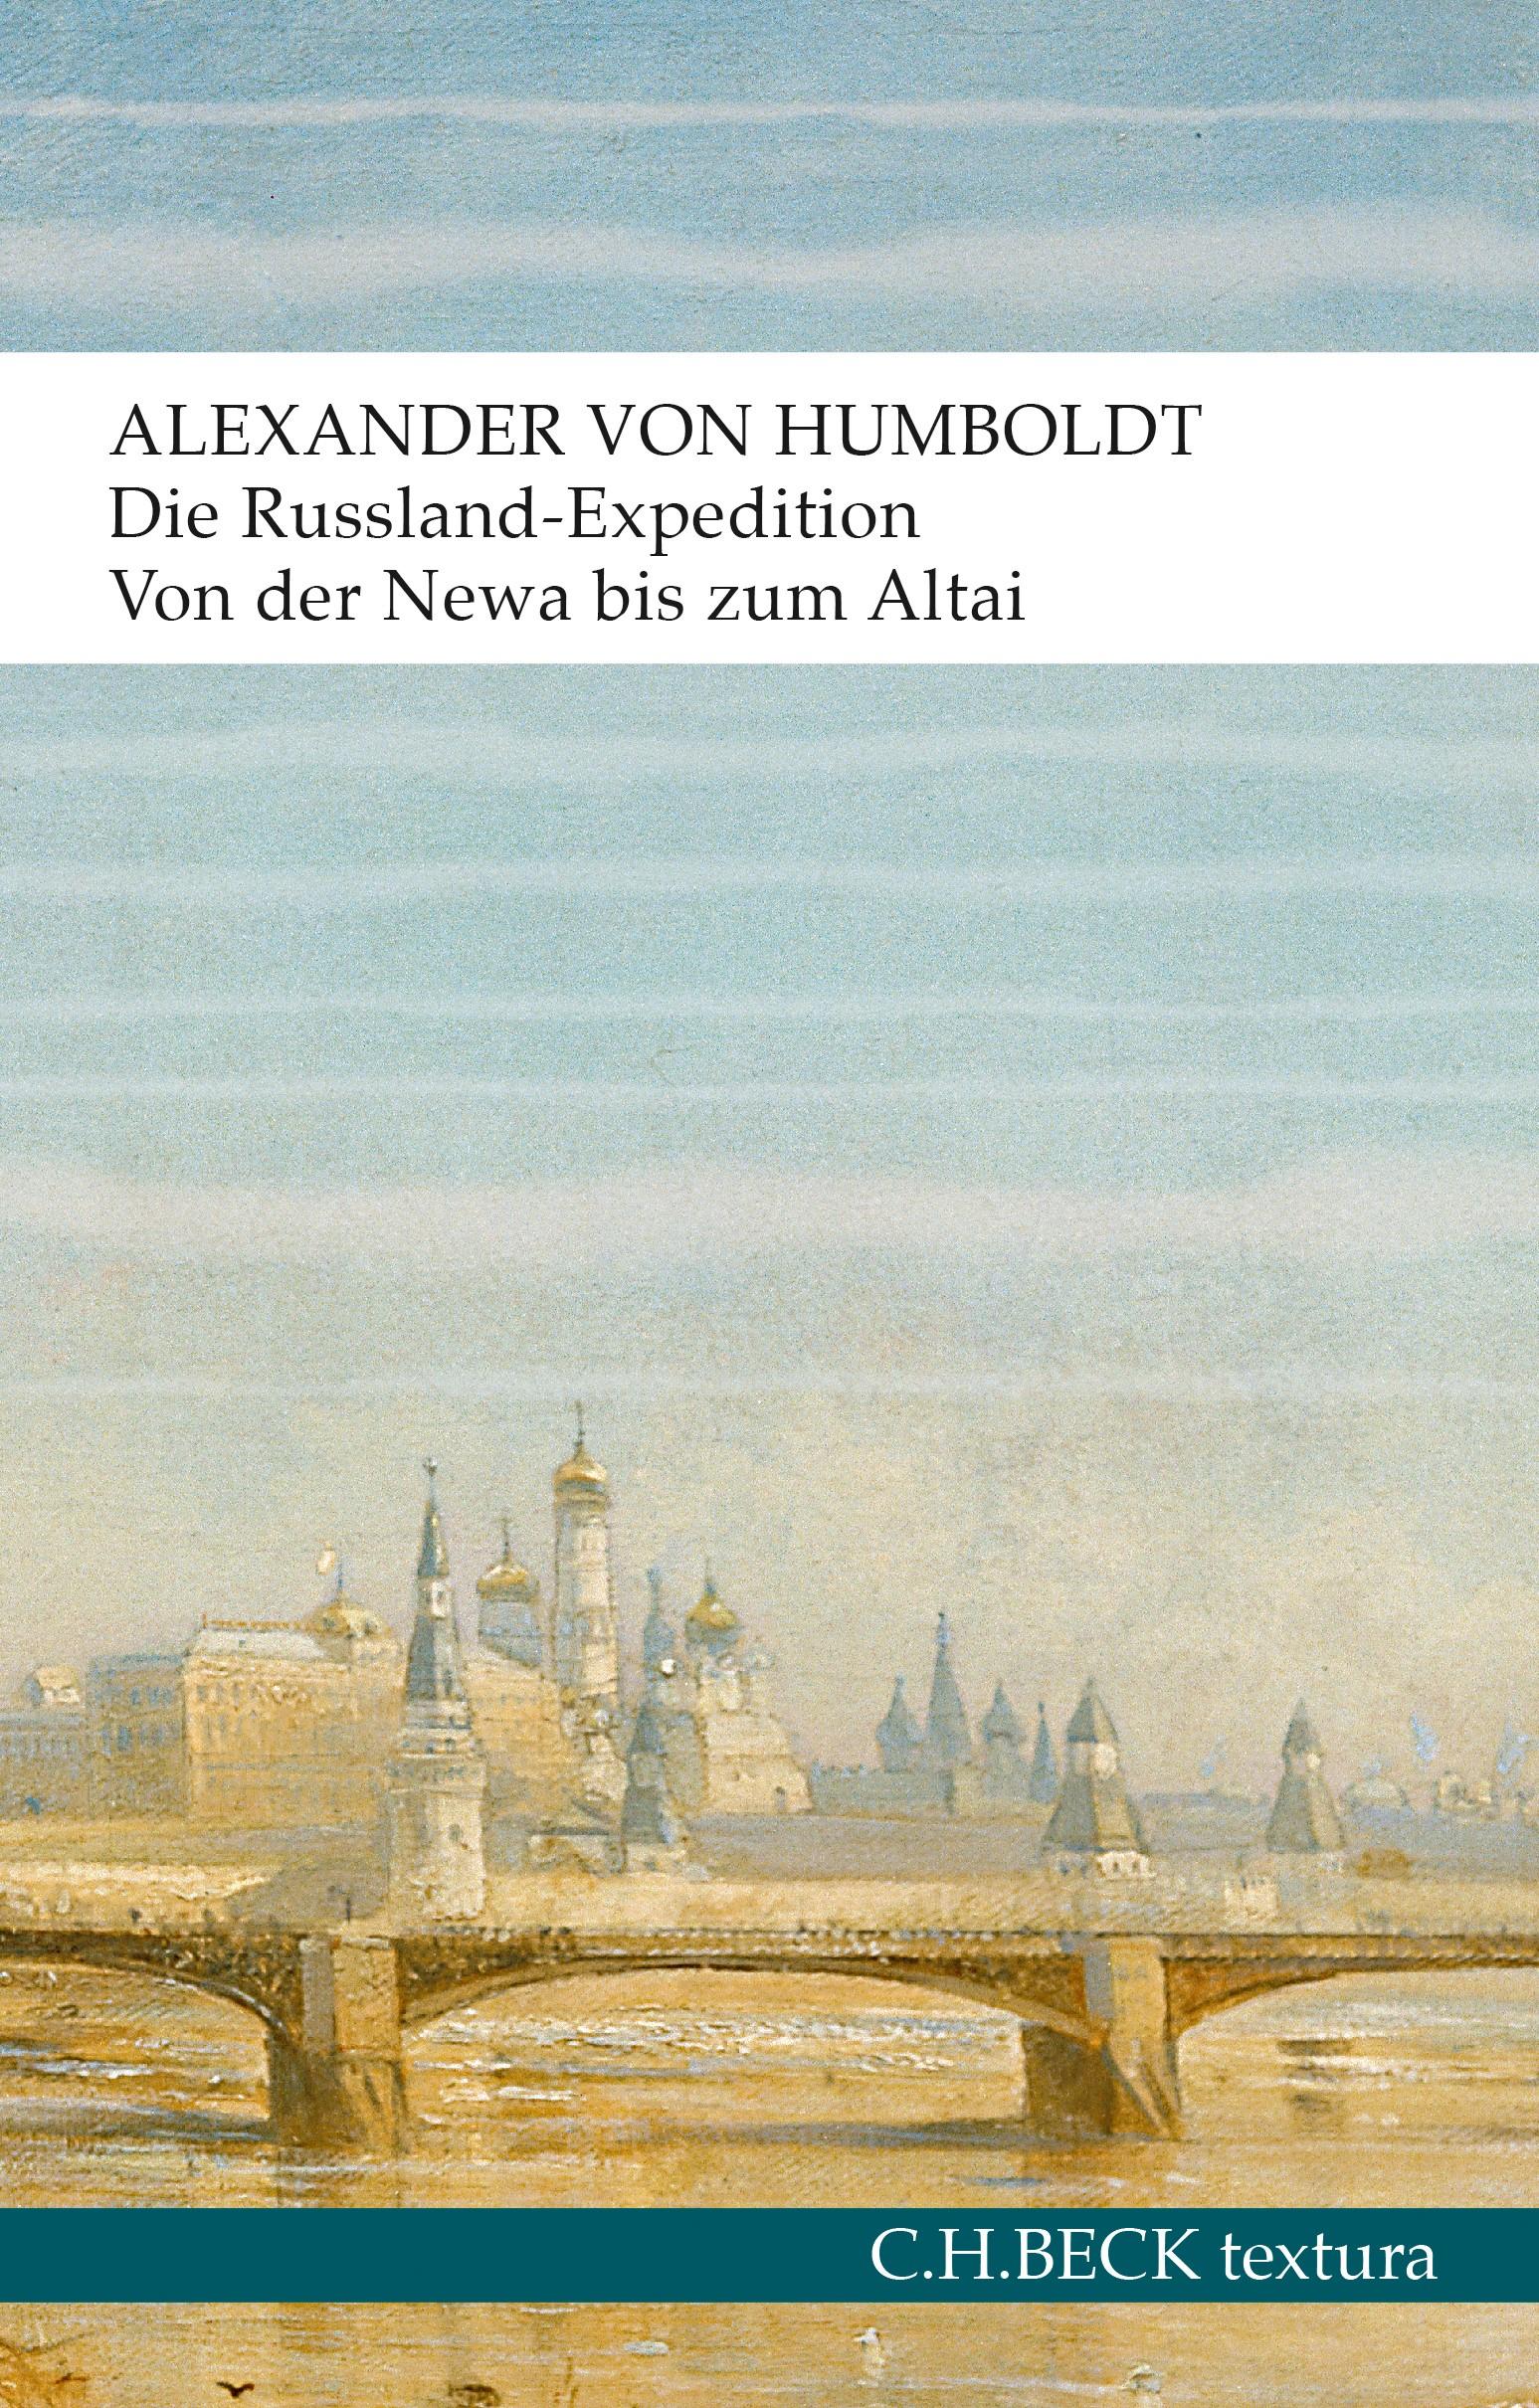 Die Russland-Expedition | von Humboldt, Alexander, 2019 | Buch (Cover)